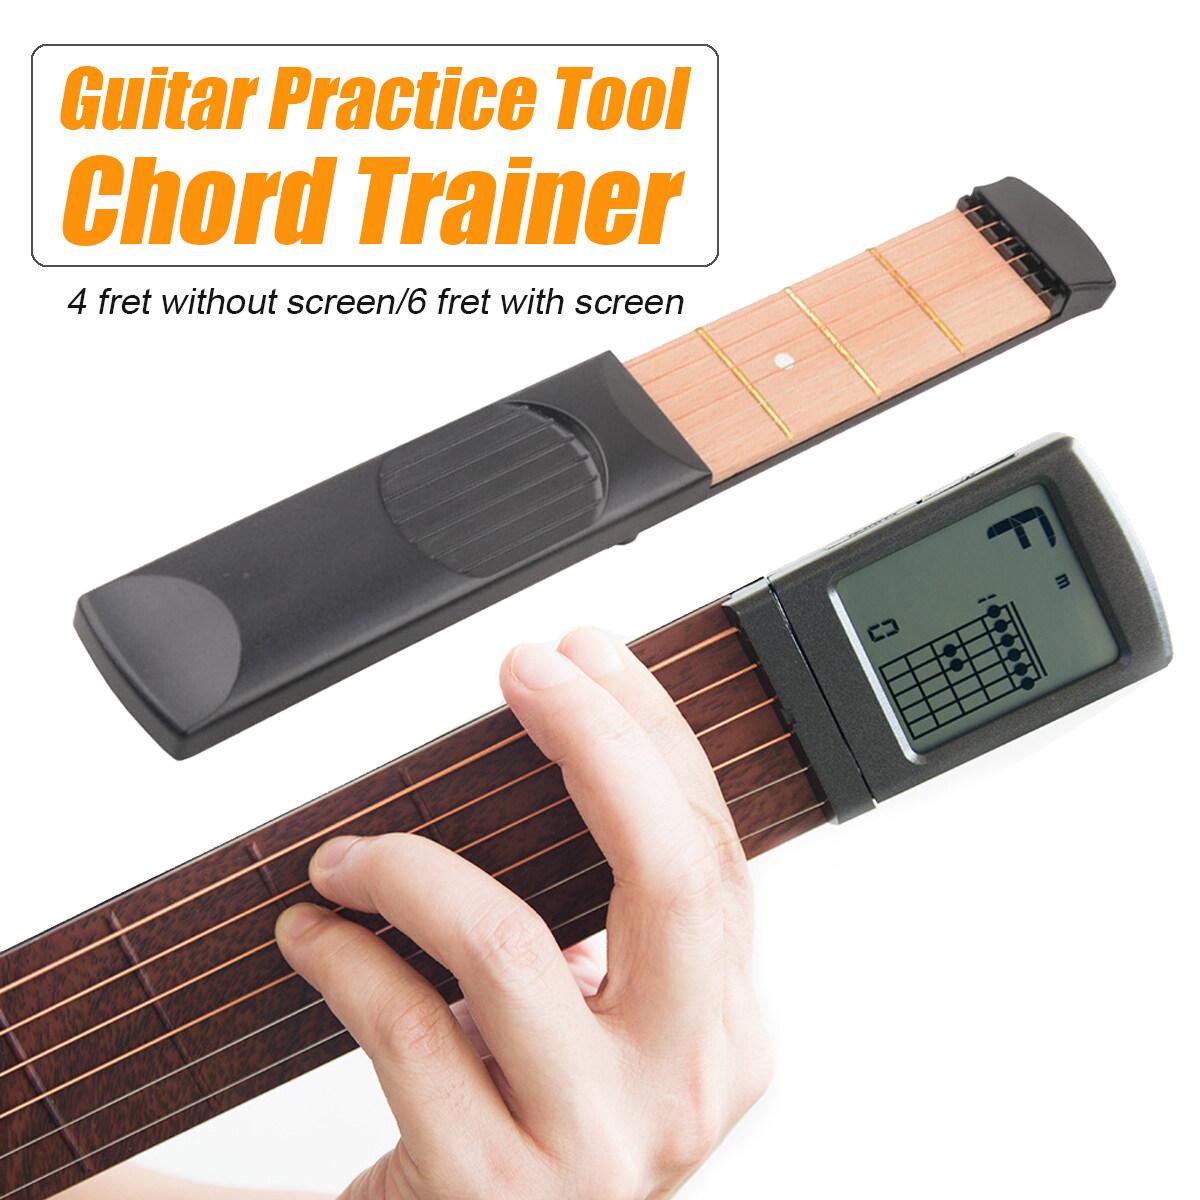 Dụng Cụ Luyện Tập Guitar Acoustic Bỏ Túi Tiện Dụng 4/6 Cấp Độ 6 Dây Dụng Cụ Luyện Tập Hợp Âm Có/Không Có Màn Hình Kỹ Thuật Số Cho Người Mới Bắt Đầu Bằng Gỗ Đen/Trắng/Xám